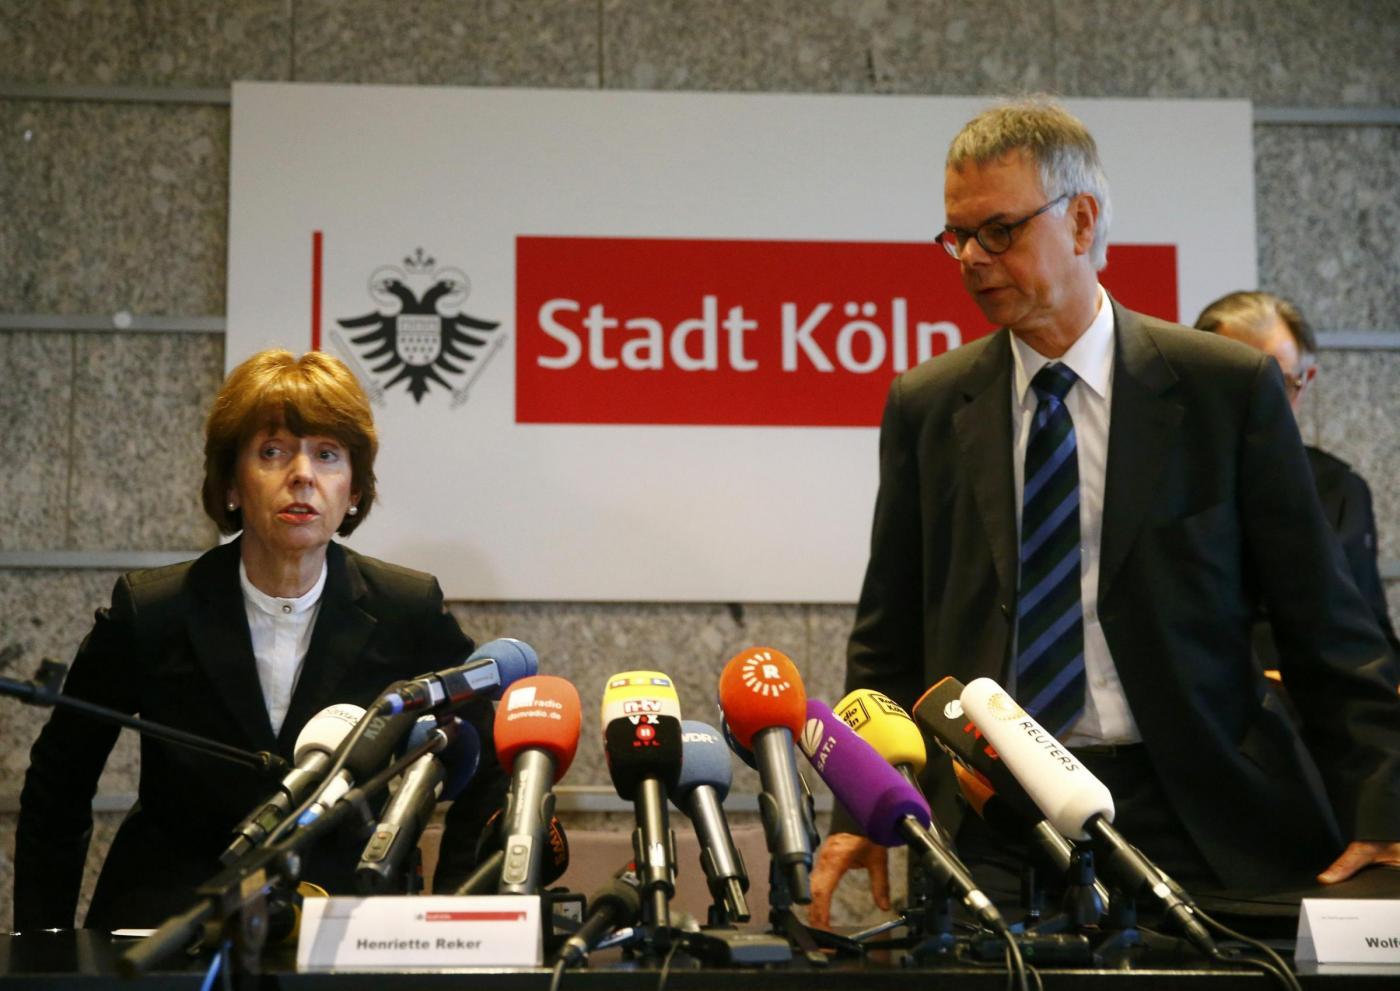 Capodanno a Colonia, 90 denunce per molestie sessuali: conferenza sindaco